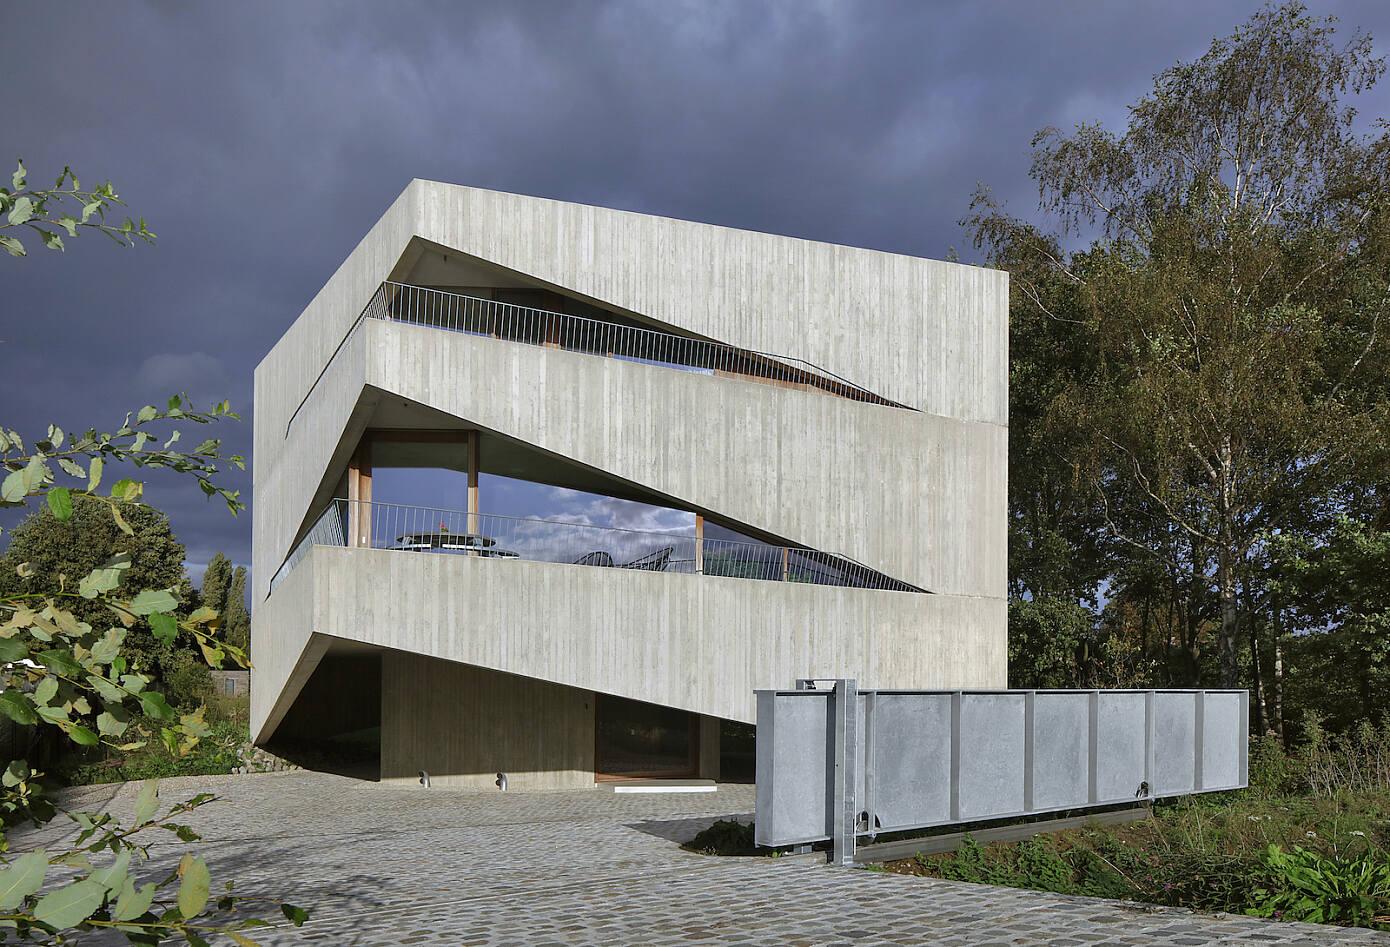 House N-DP by Graux & Baeyens Architecten